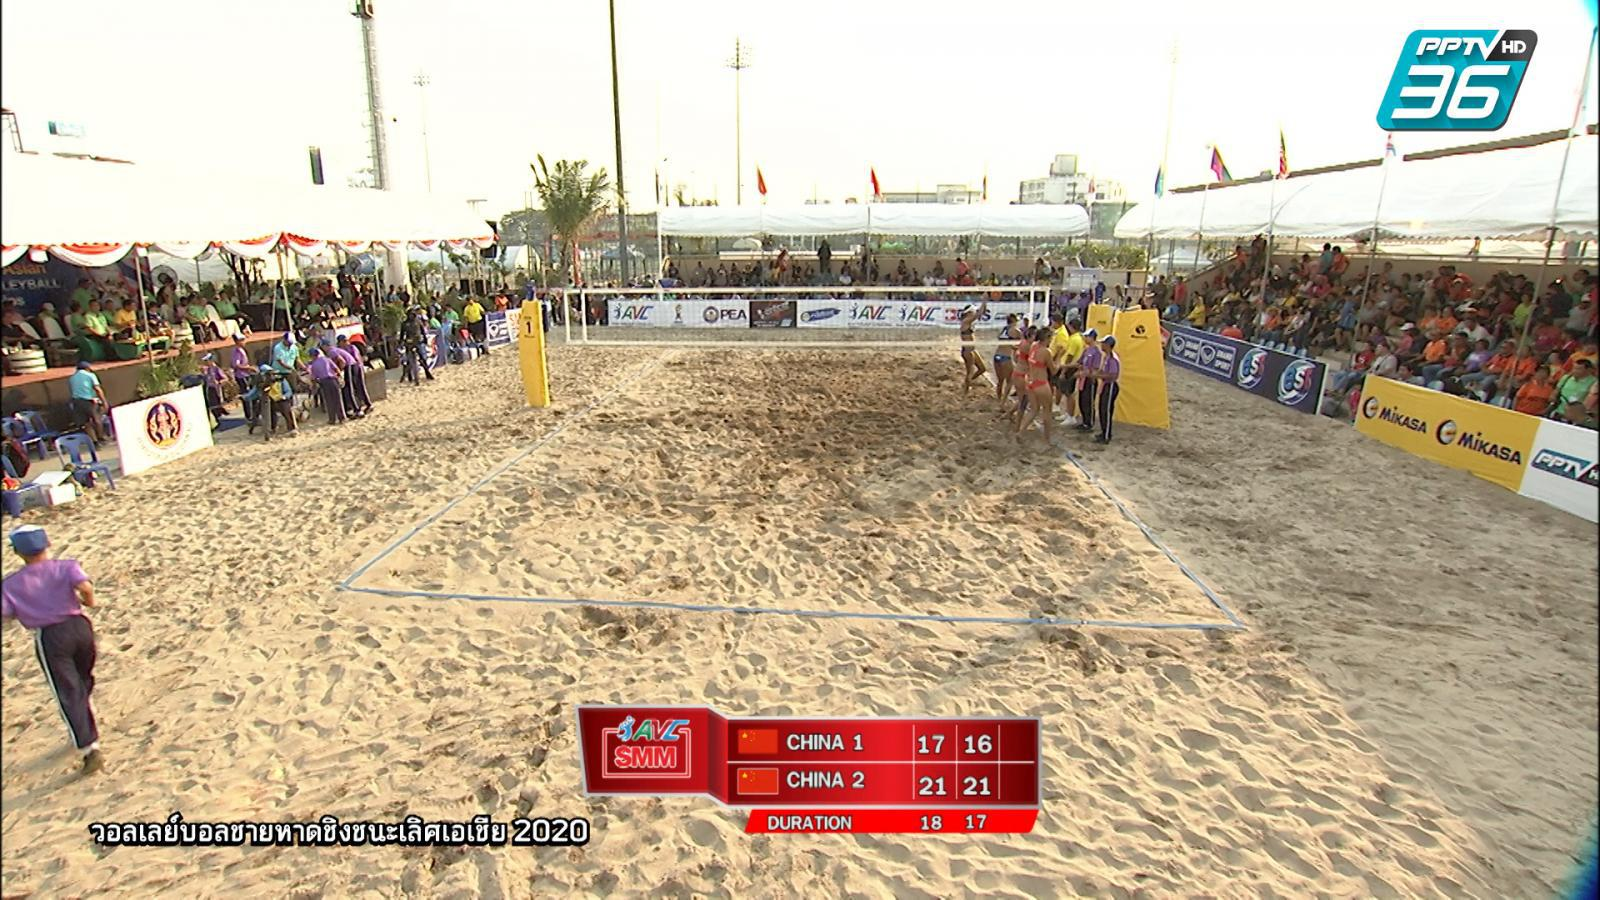 ไฮไลท์ | การแข่งขันวอลเลย์บอลชายหาด เอสโคล่า หญิงคู่ | ทีมชาติจีน พบ ทีมชาติจีน | 16 ก.พ. 63